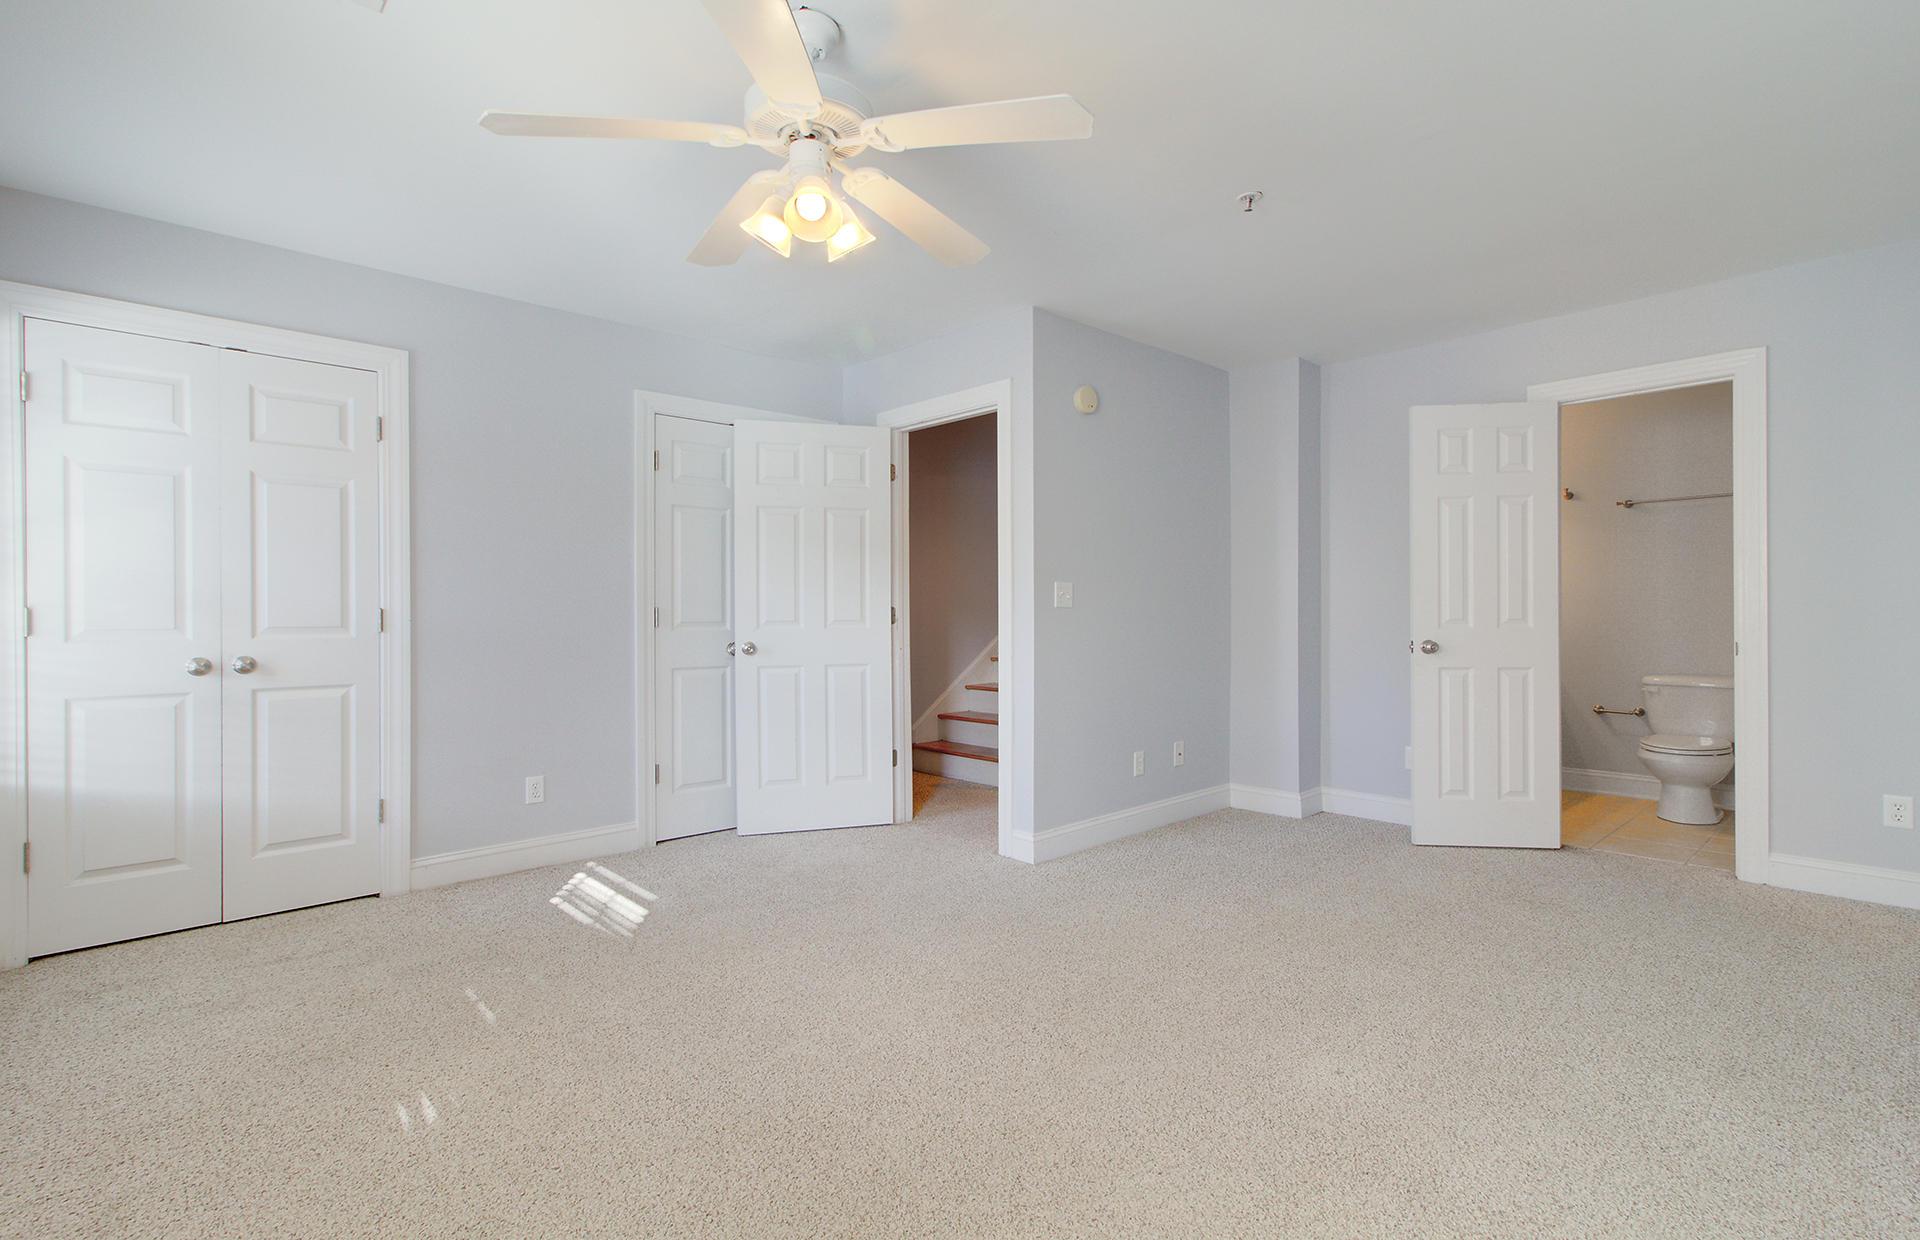 Lake Palmetto Homes For Sale - 4904 Lake Palmetto, North Charleston, SC - 11